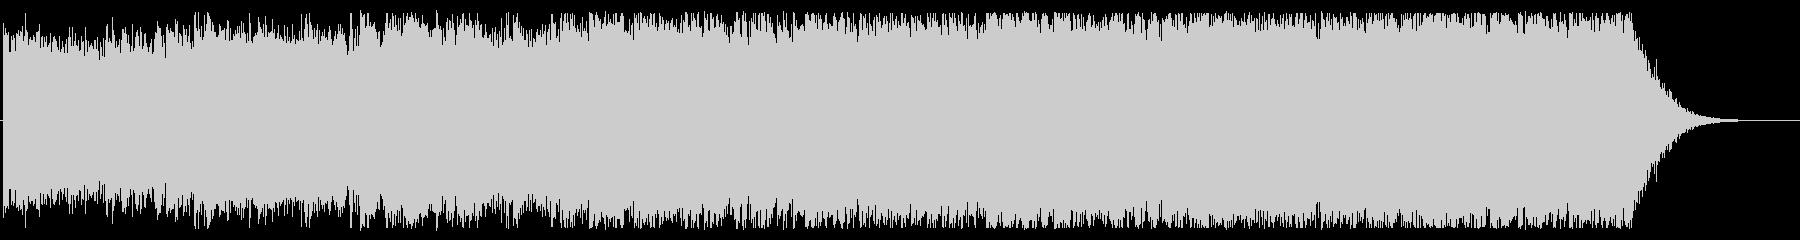 ダークファンタジーオーケストラ戦闘曲64の未再生の波形